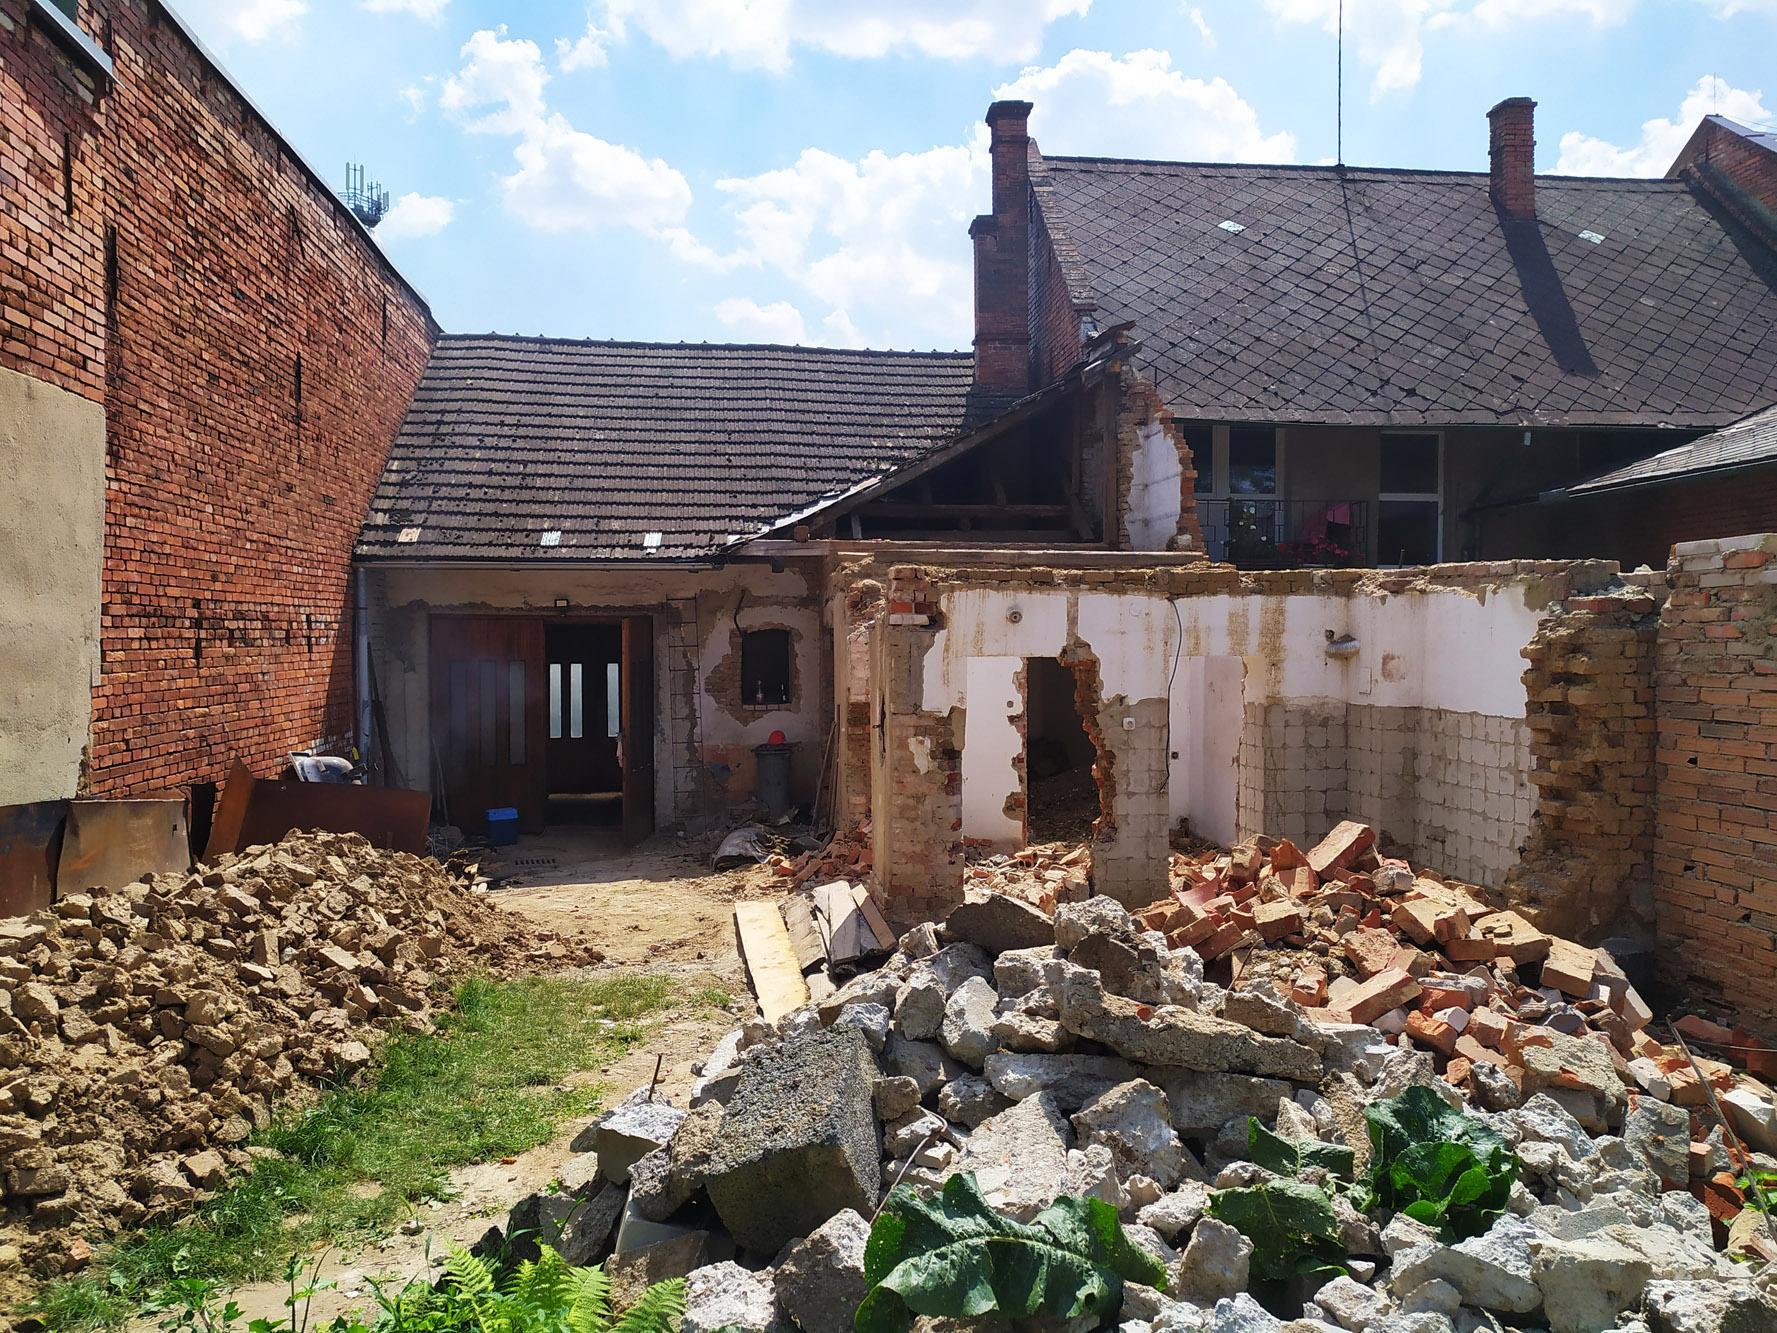 Bourání staré a stavba nové řadovky - Už aby se uvolnilo místo